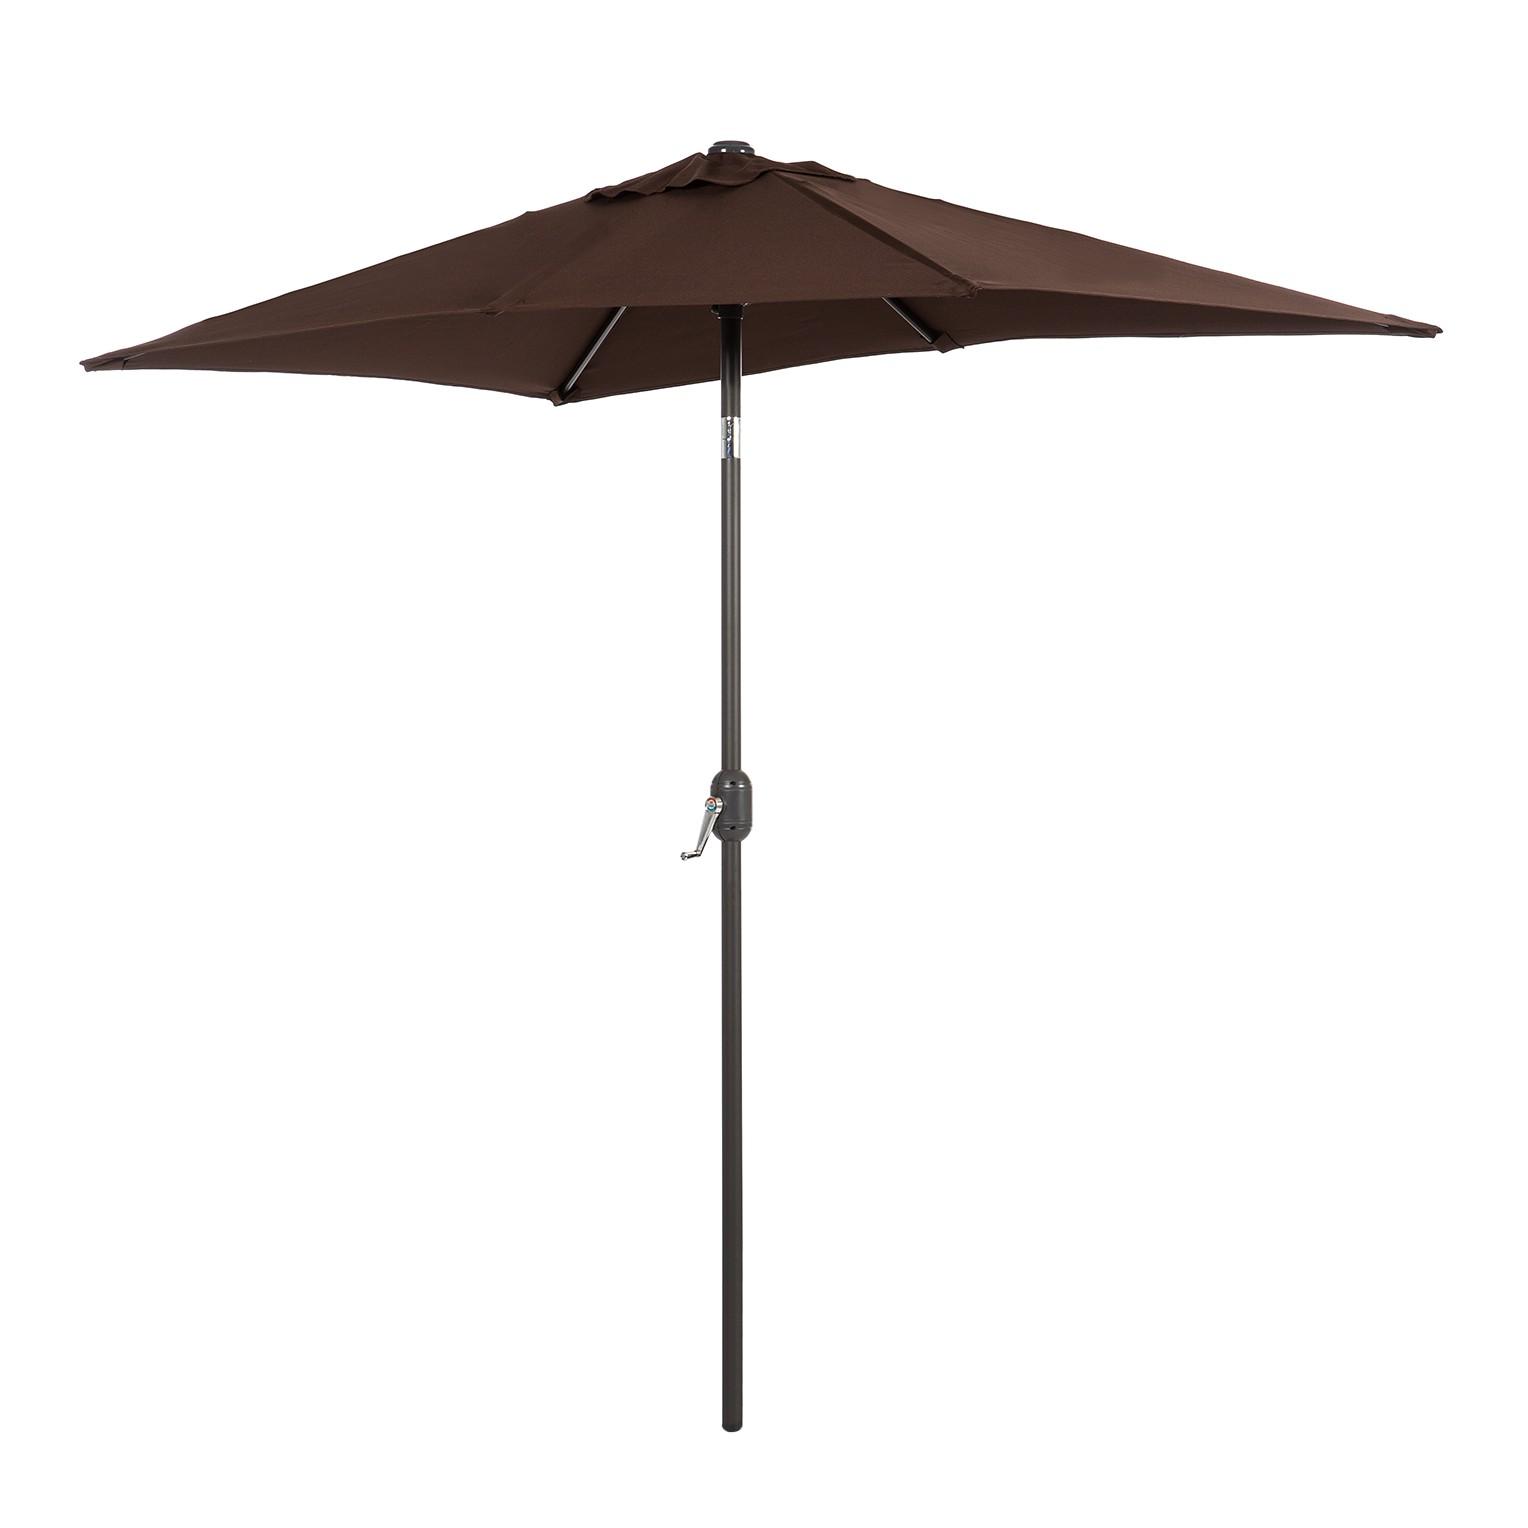 Parasol Solari - cappuccinokleurig - 120x225cm, mooved